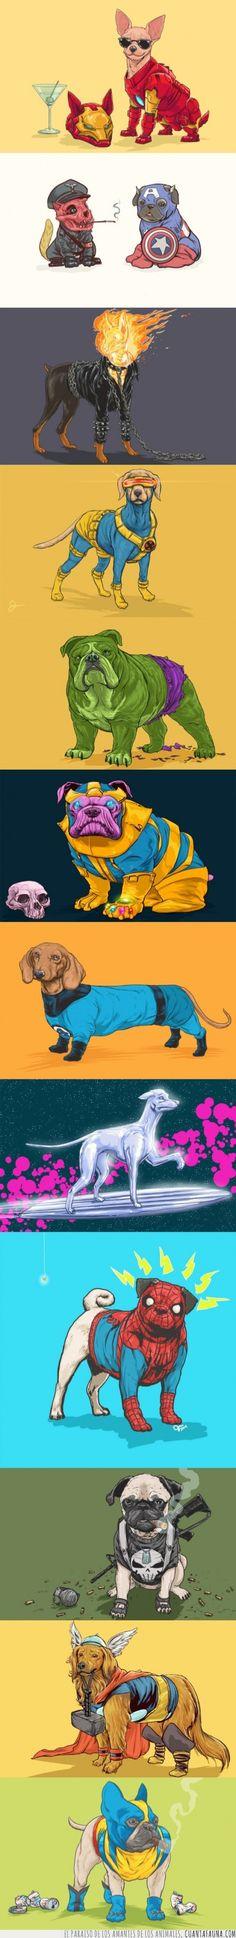 Perros de cómic